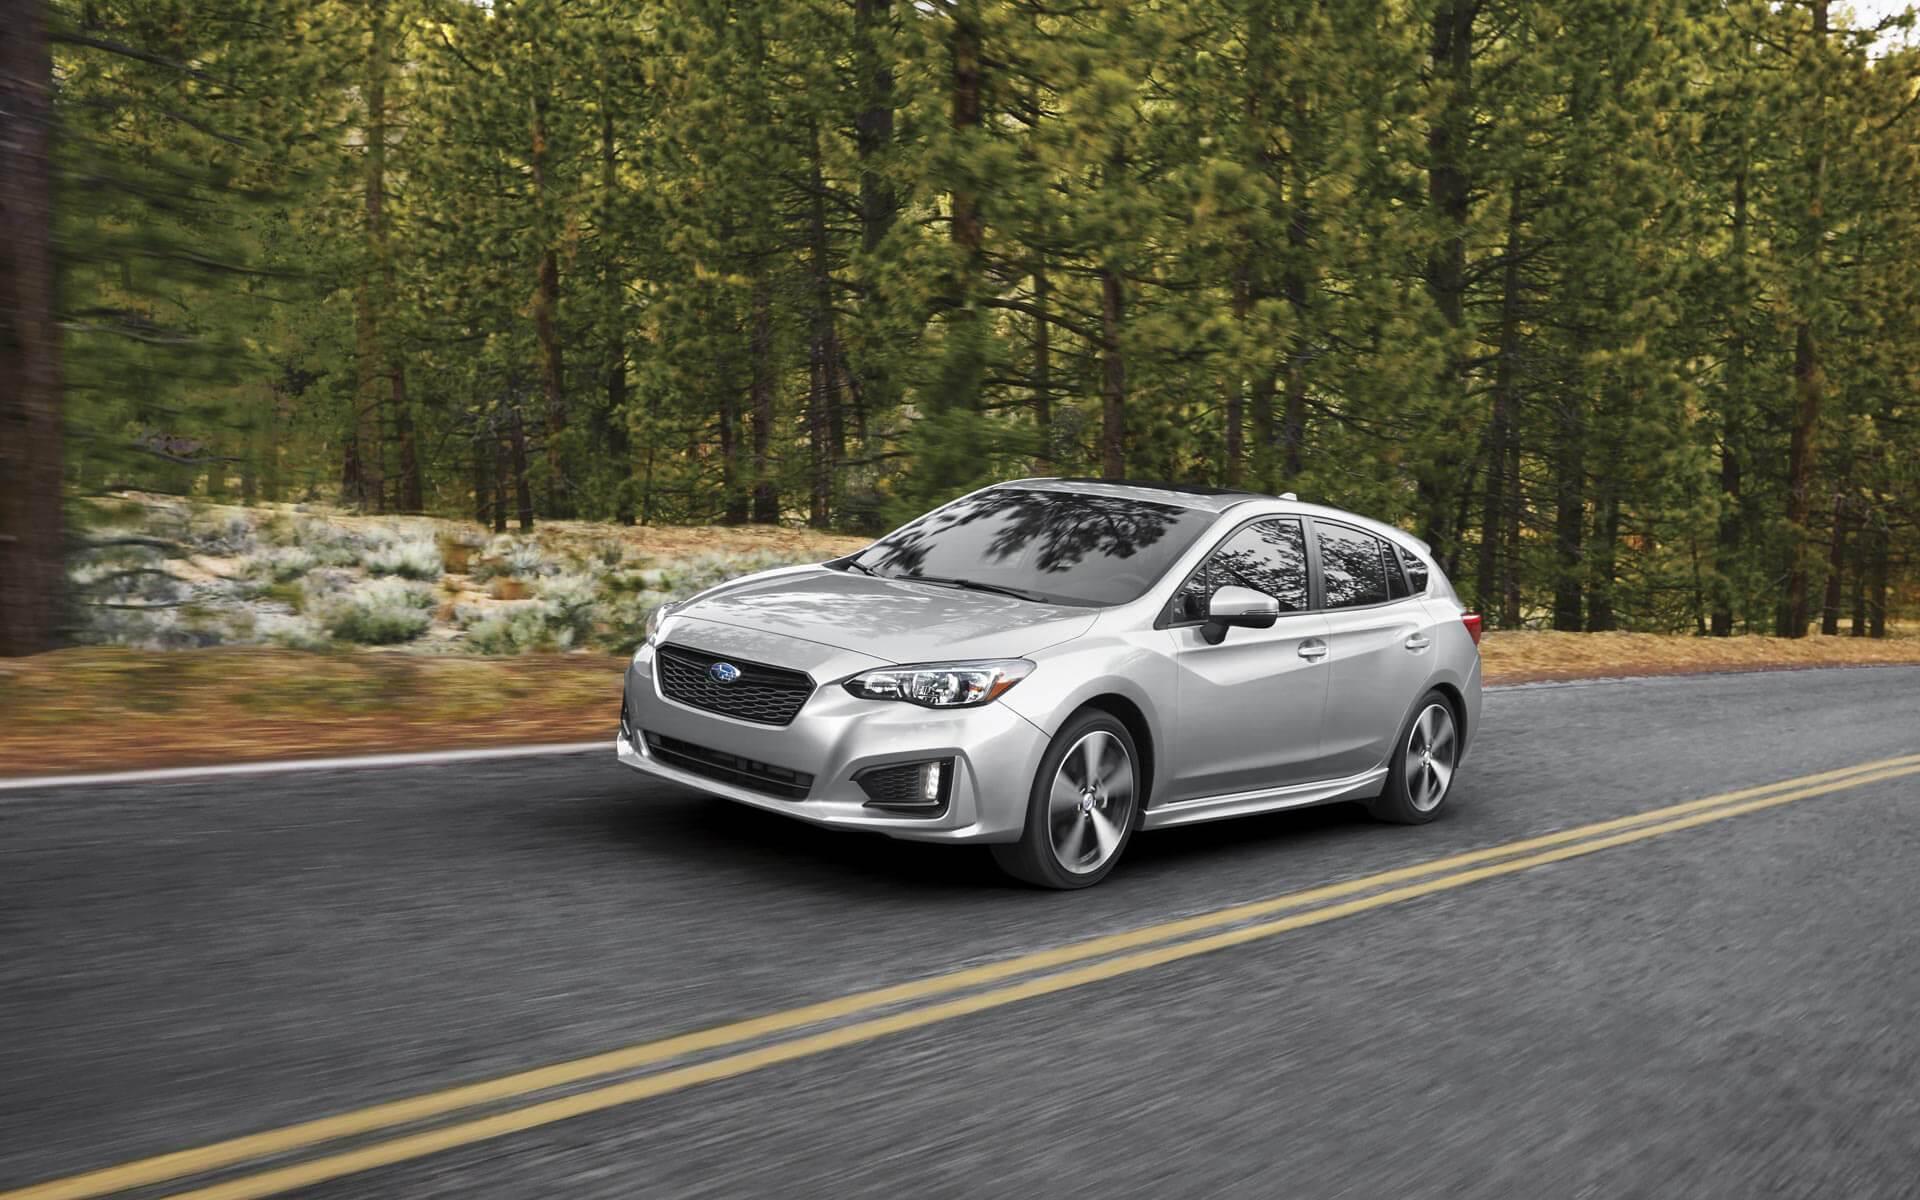 Subaru impreza lease rates